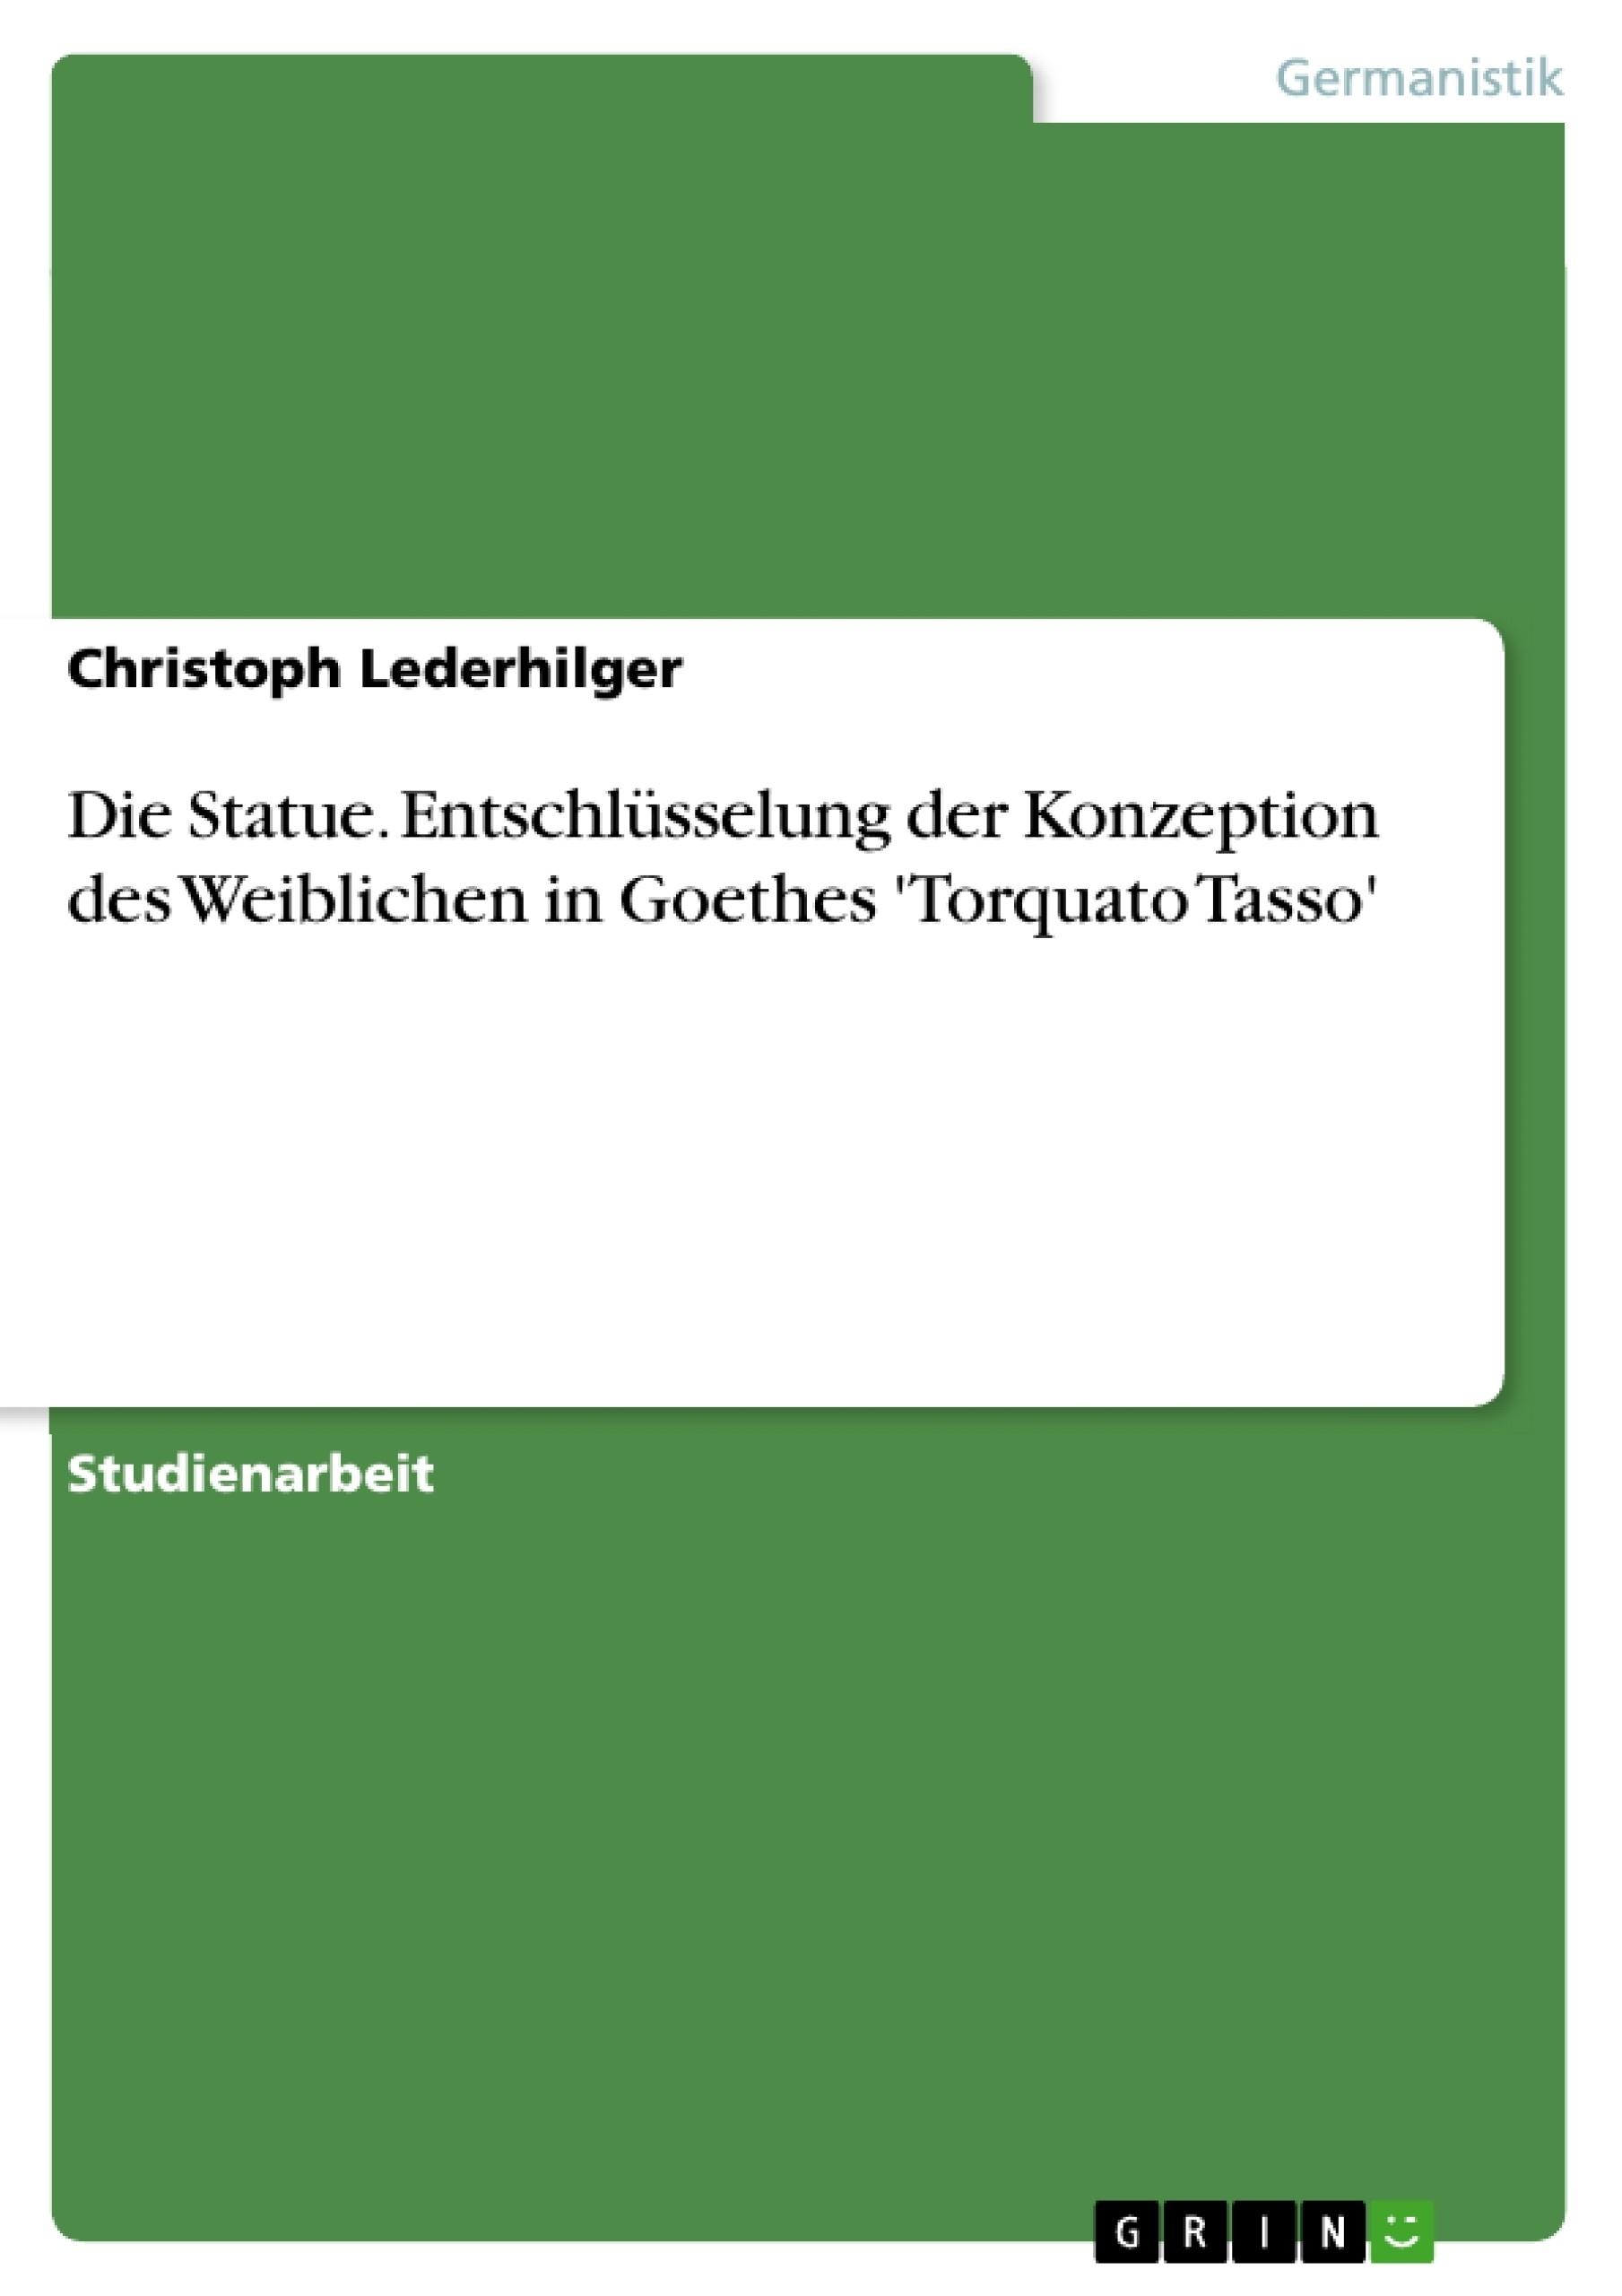 Titel: Die Statue. Entschlüsselung der Konzeption des Weiblichen in Goethes 'Torquato Tasso'